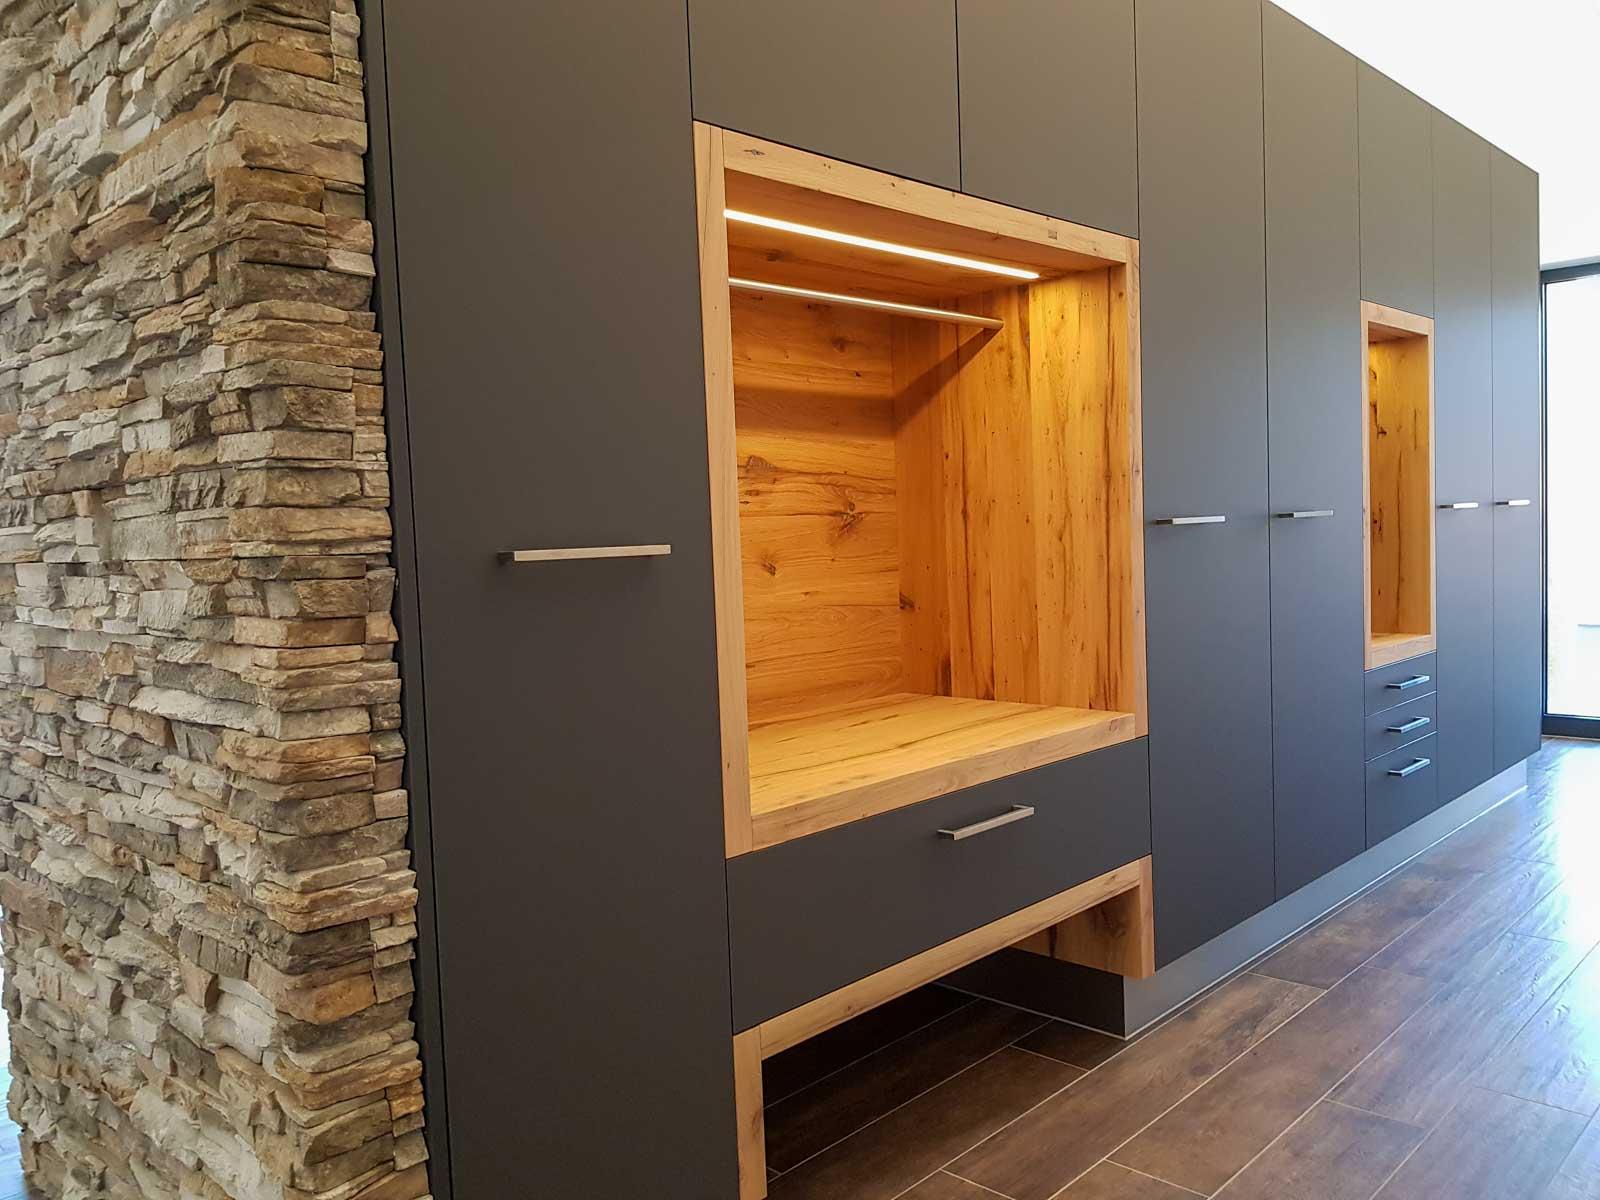 Wooddesign_Garderobe_Gästegarderobe_anthrazit_Eiche Altholz_Steinmauer_modern (4)